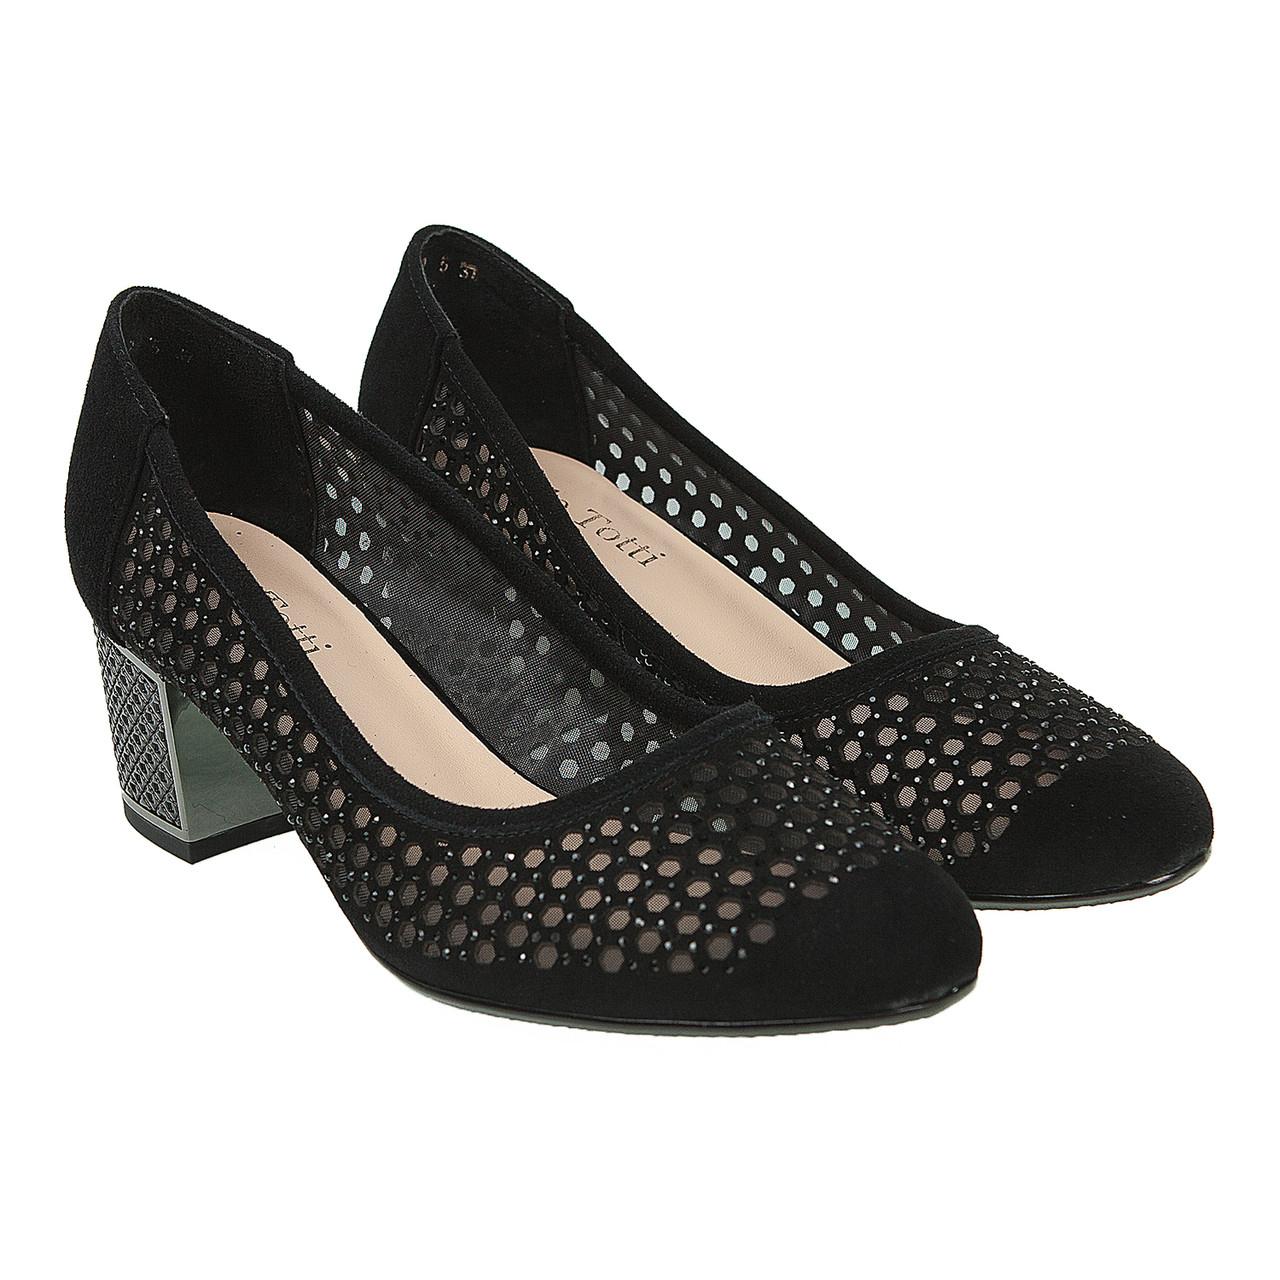 be824d4ca 38 размер Туфли женские Stalo Totti (летние, модные, стильные, на невысоком  каблуке)